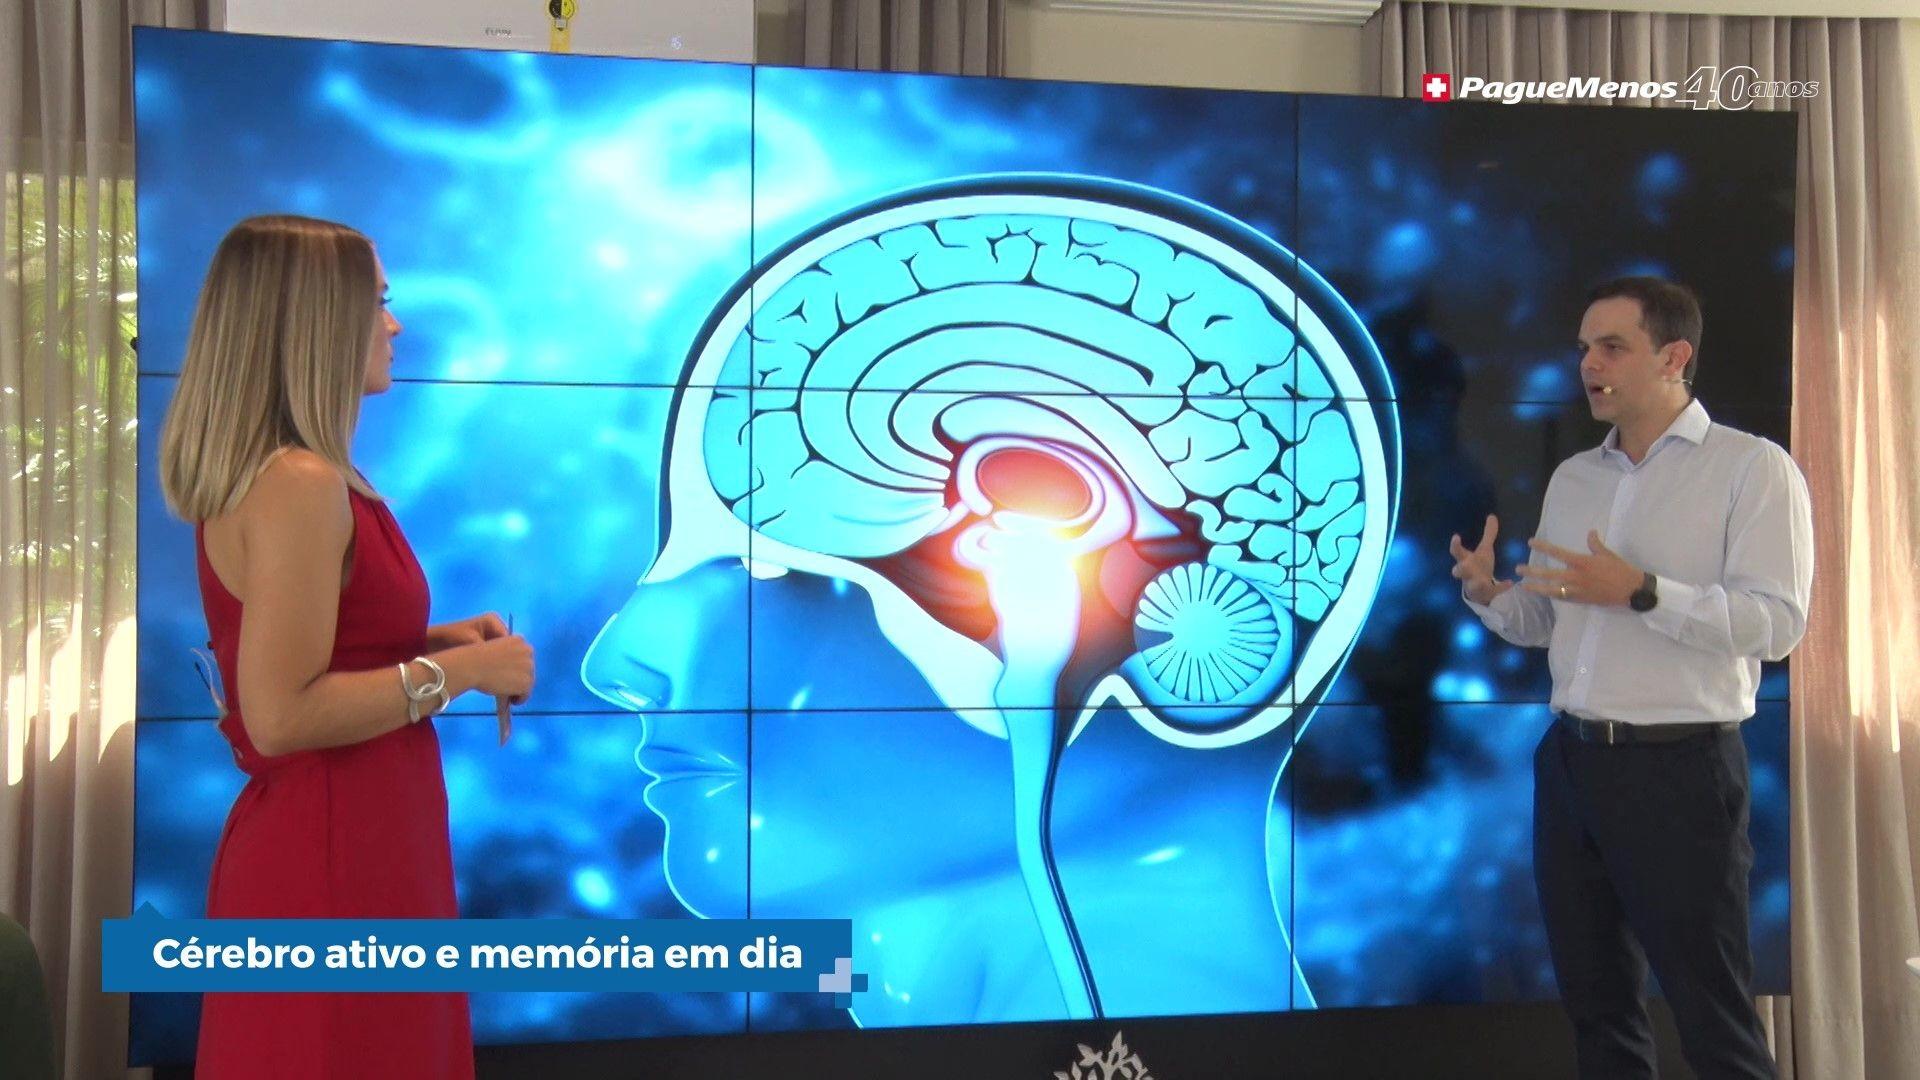 Cérebro ativo e memória em dia